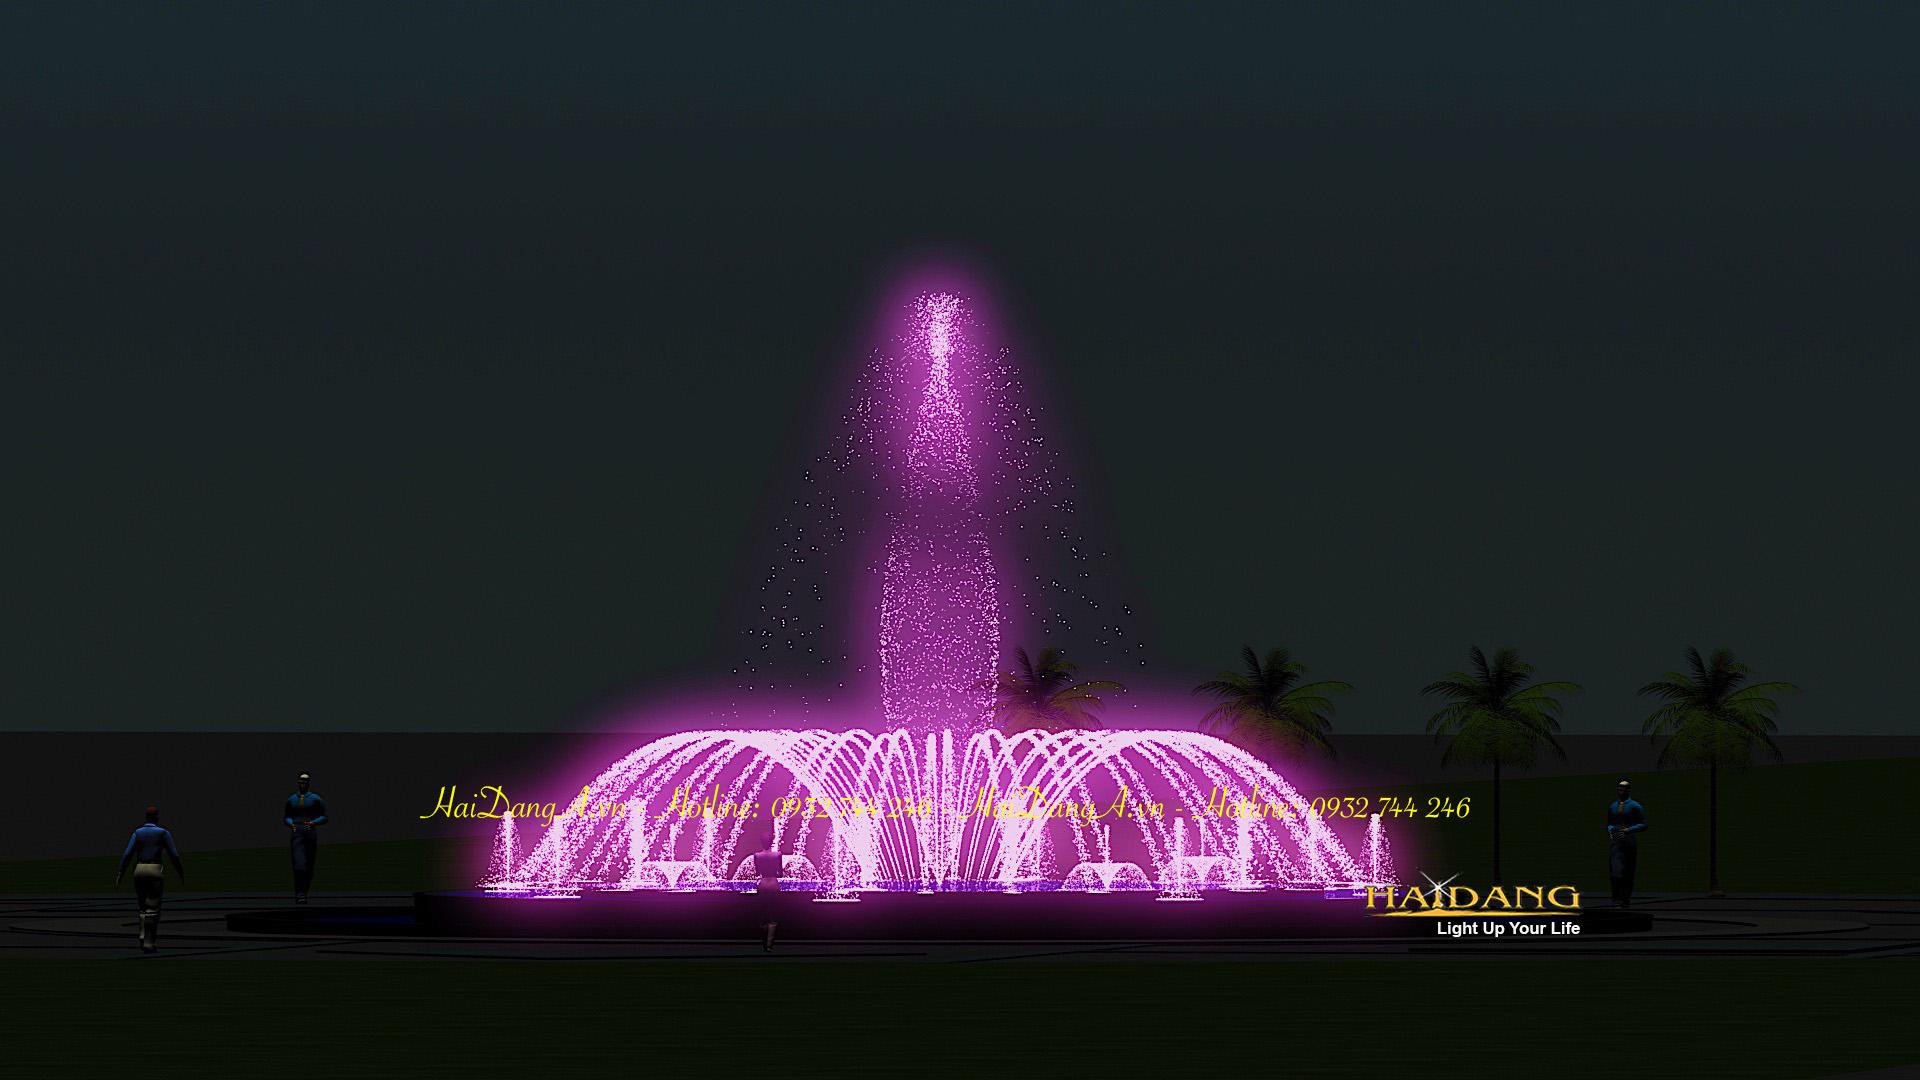 Mẫu thiết kế nhạc nước đài phun nước các vòi phun sủi bọt, hoa loa kèn, biến đổi đa chức năng, vòng tròn tia nước đơn phun cầu vồng